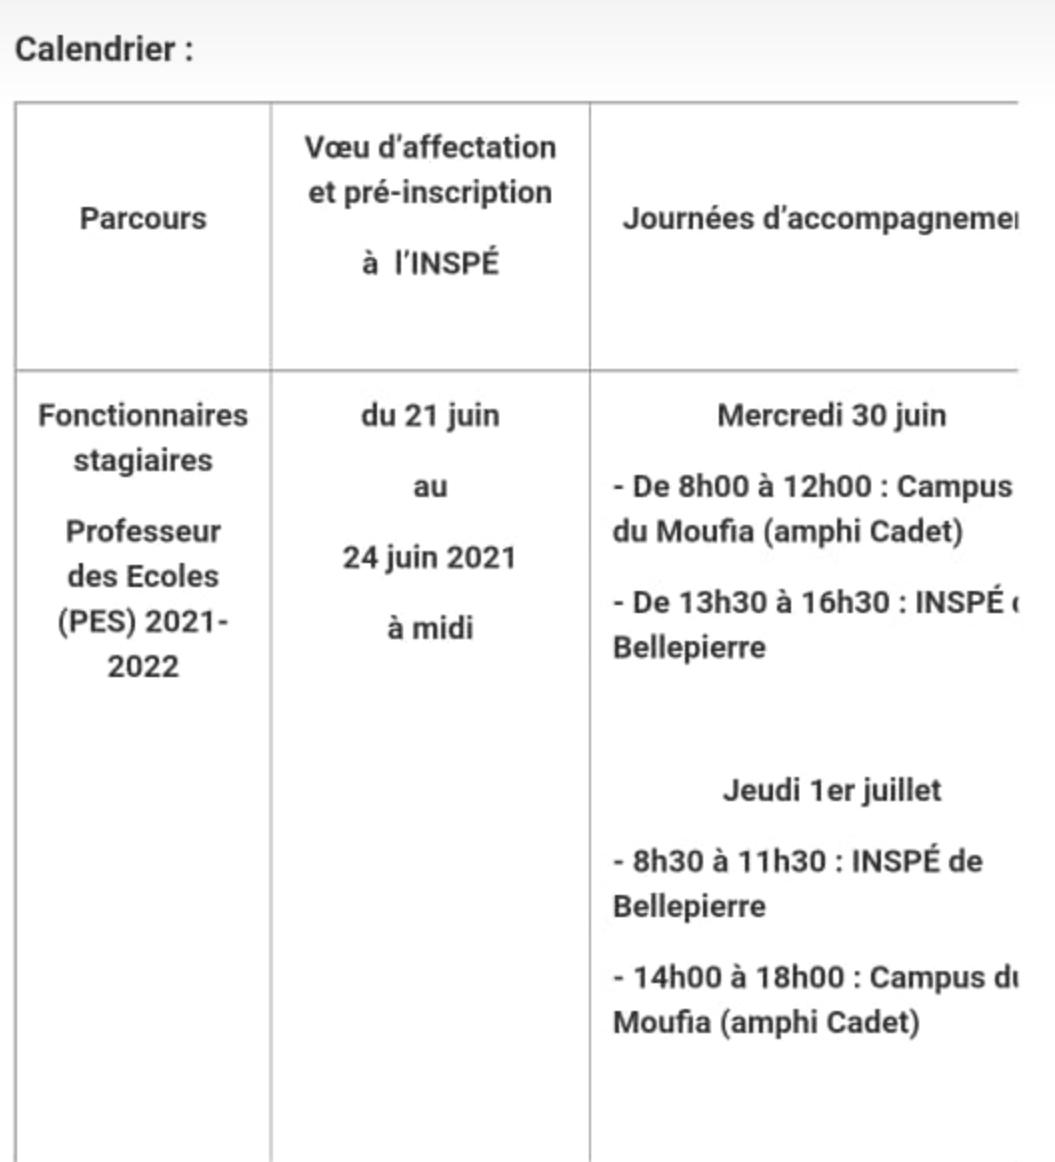 Inscription via e candidat sur le site de l'inspe Réunion du 21 juin au 24 juin 2021.